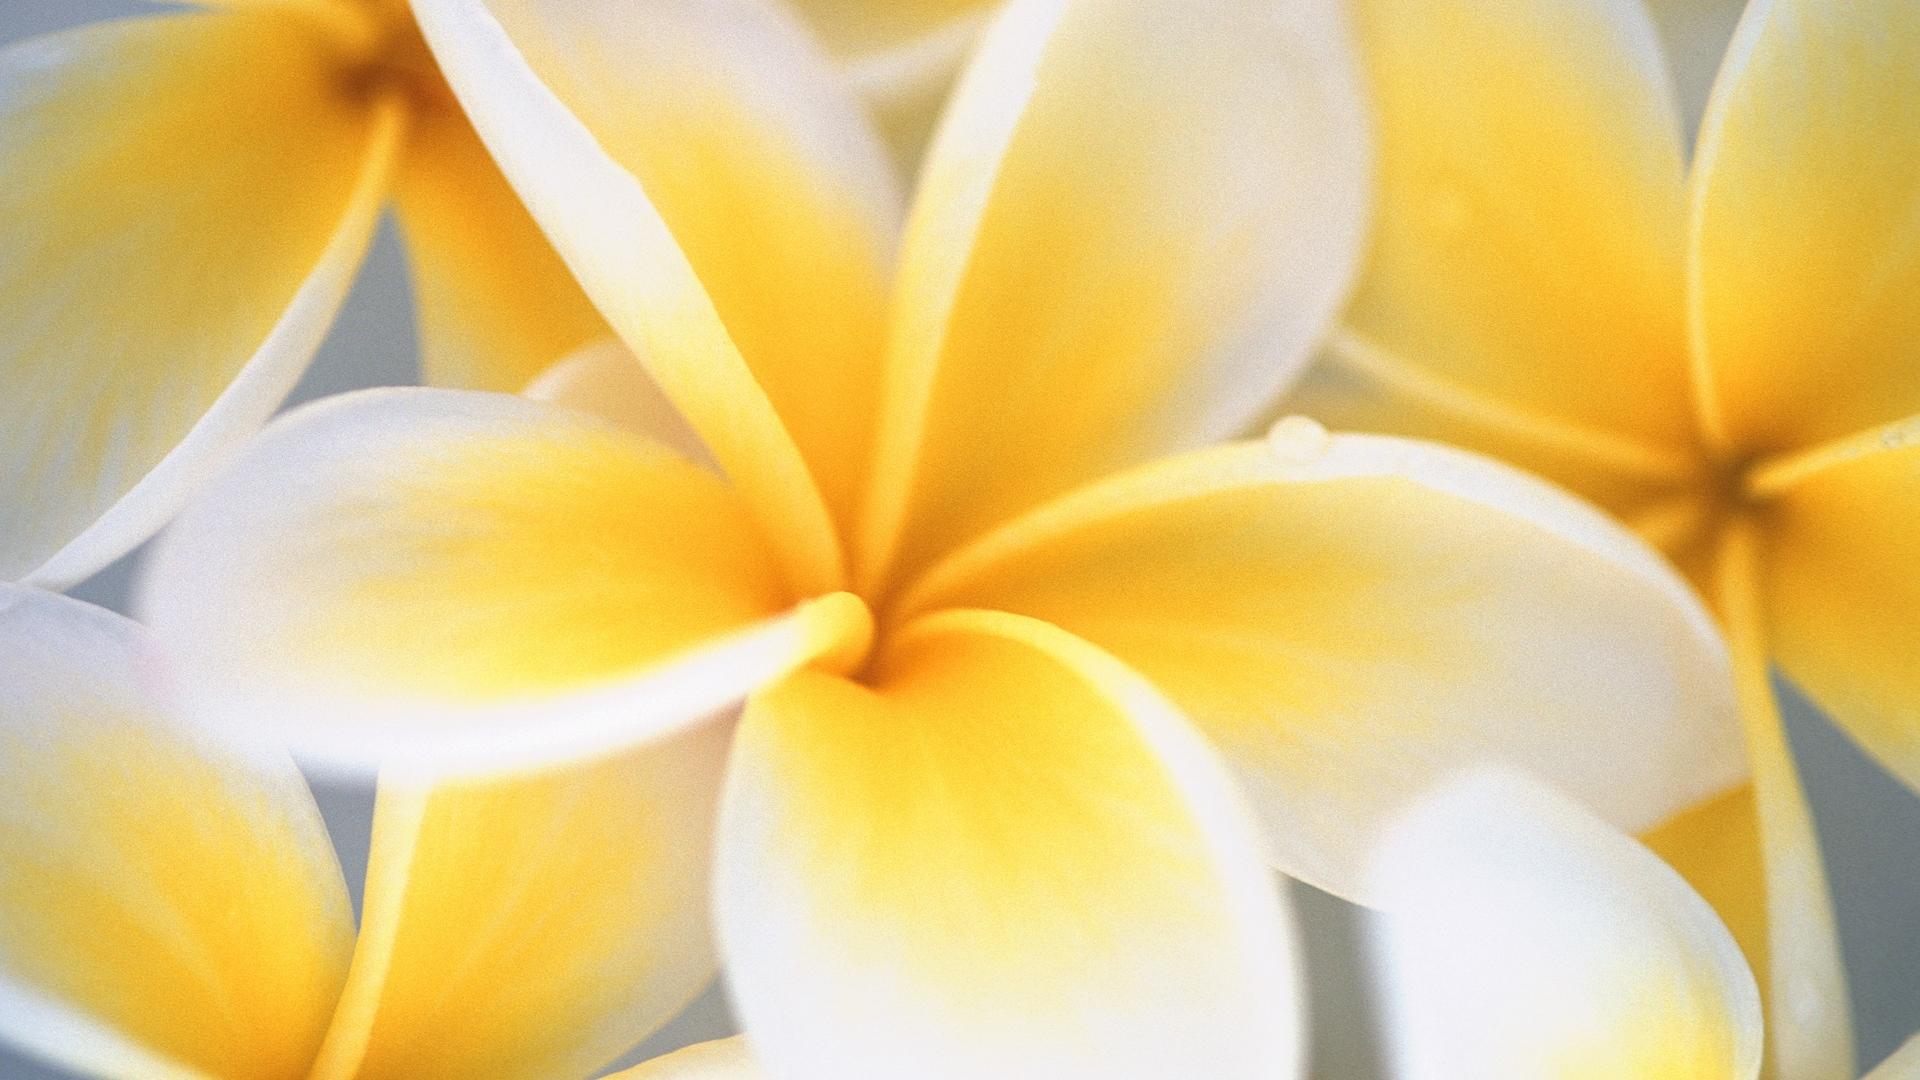 Yellow flower wallpaper hd wallpapers mightylinksfo